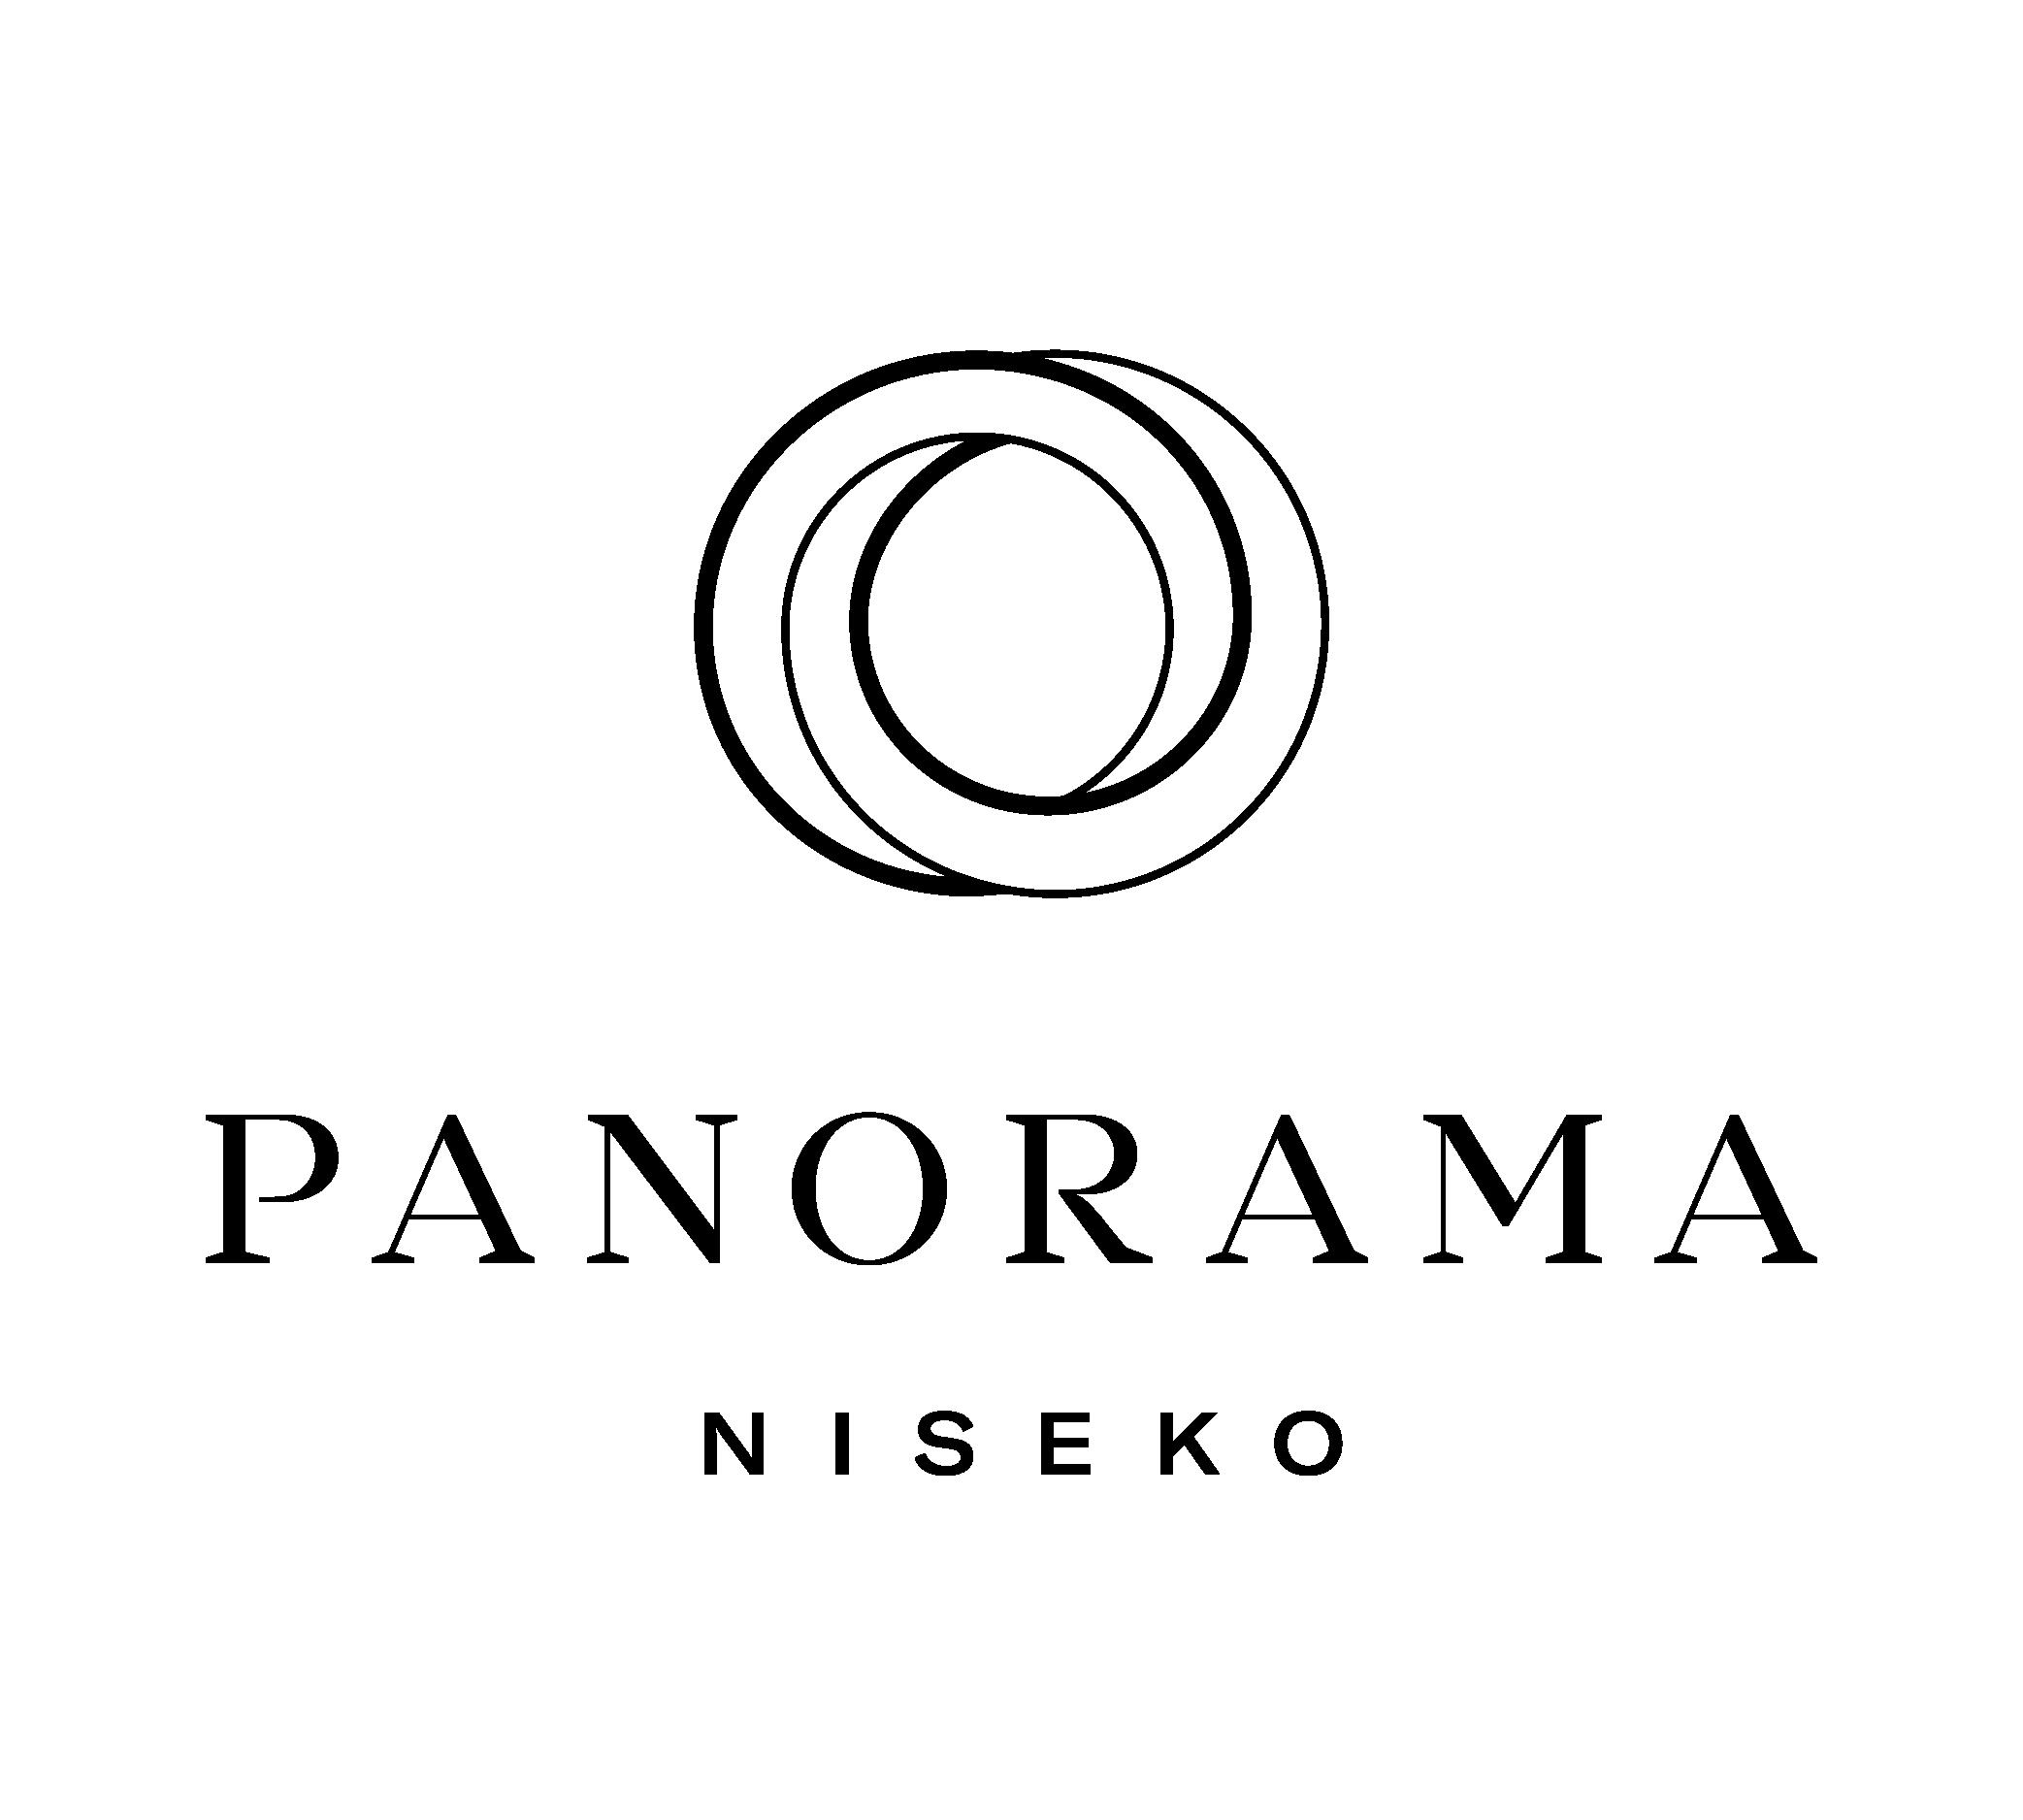 ウェブサイト スポンサーページテンプレ 07